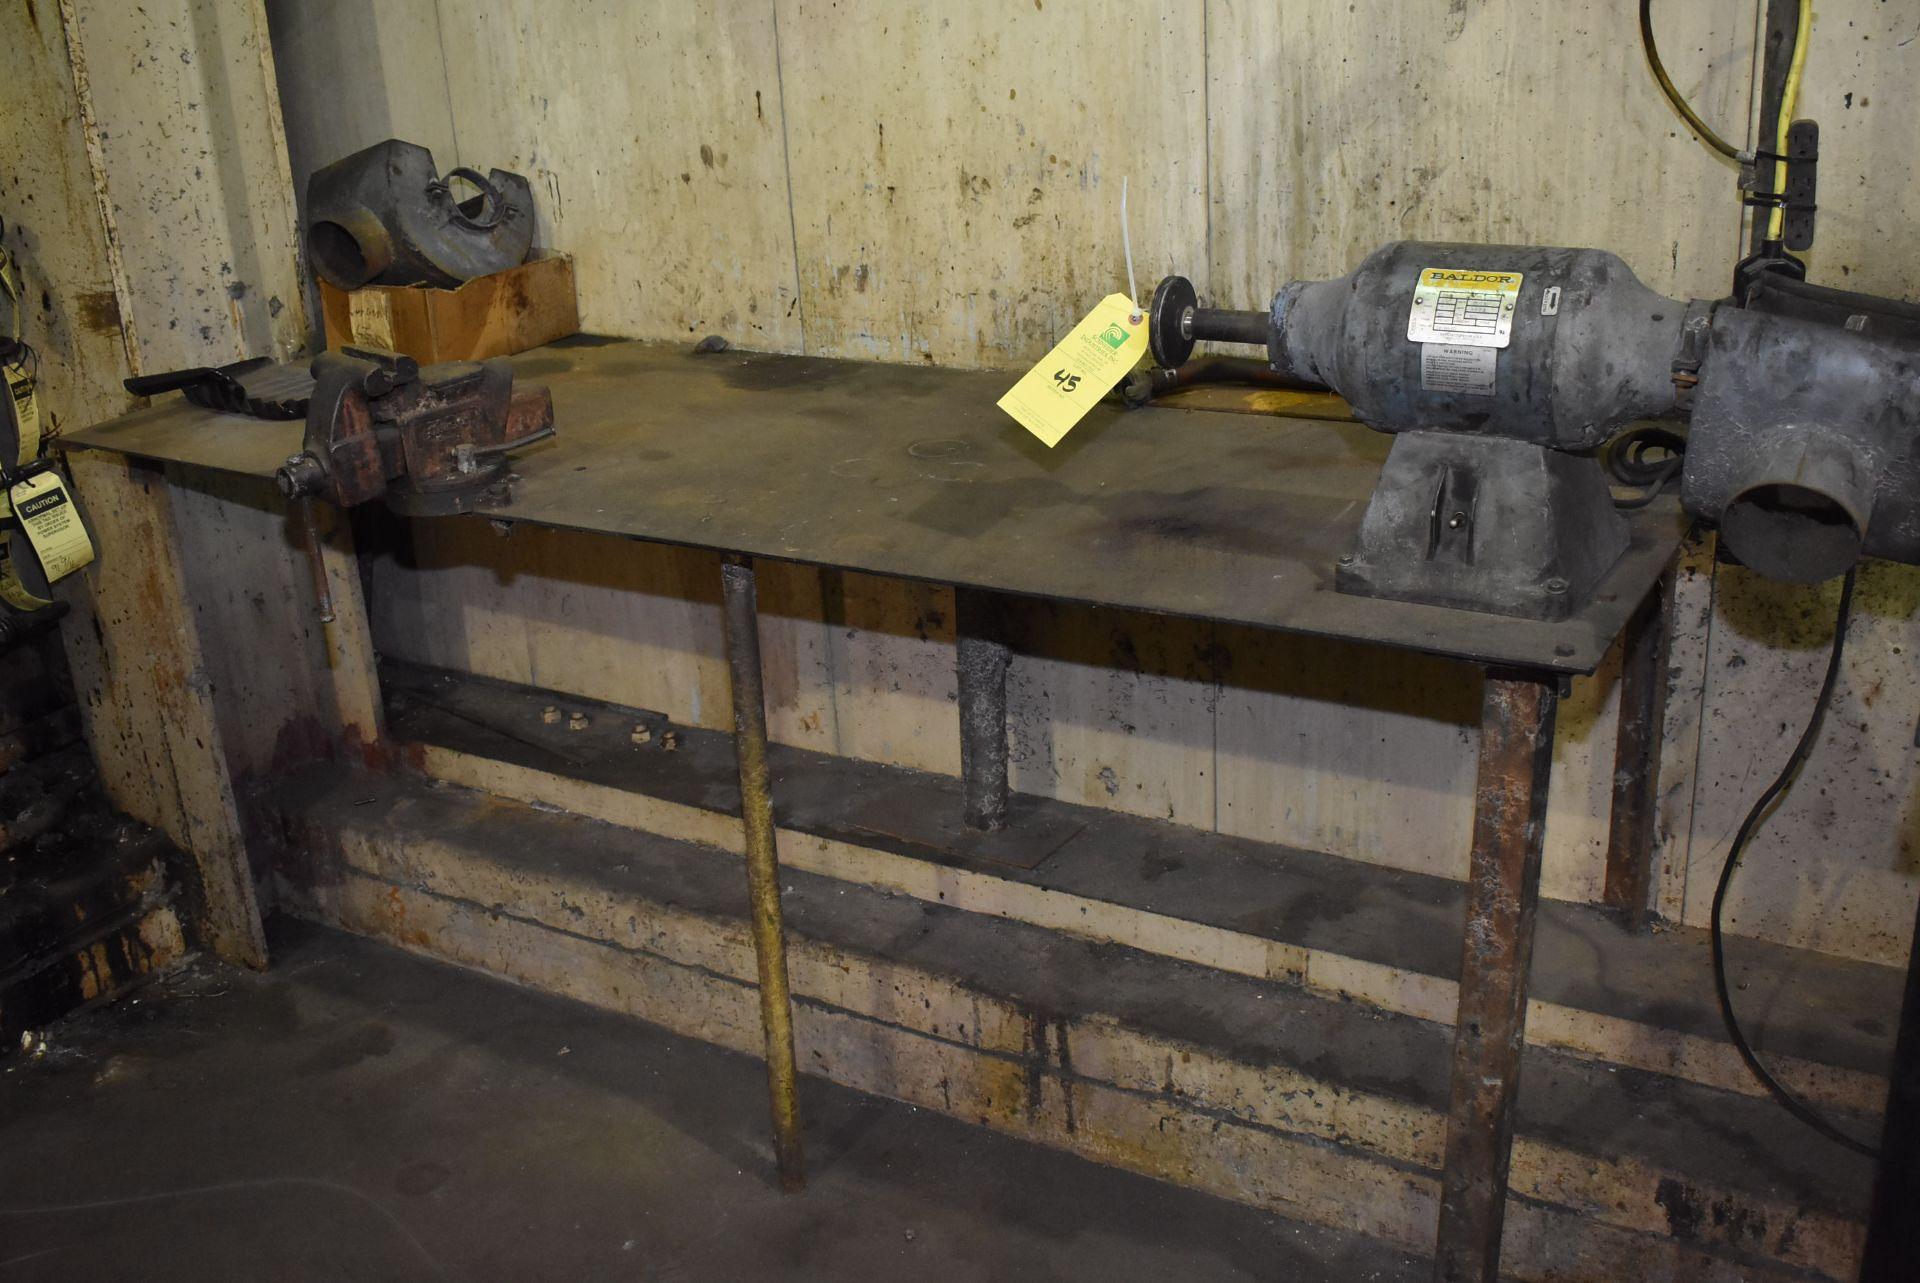 Lot 45 - Baldor Grinder Steel Table, Vise